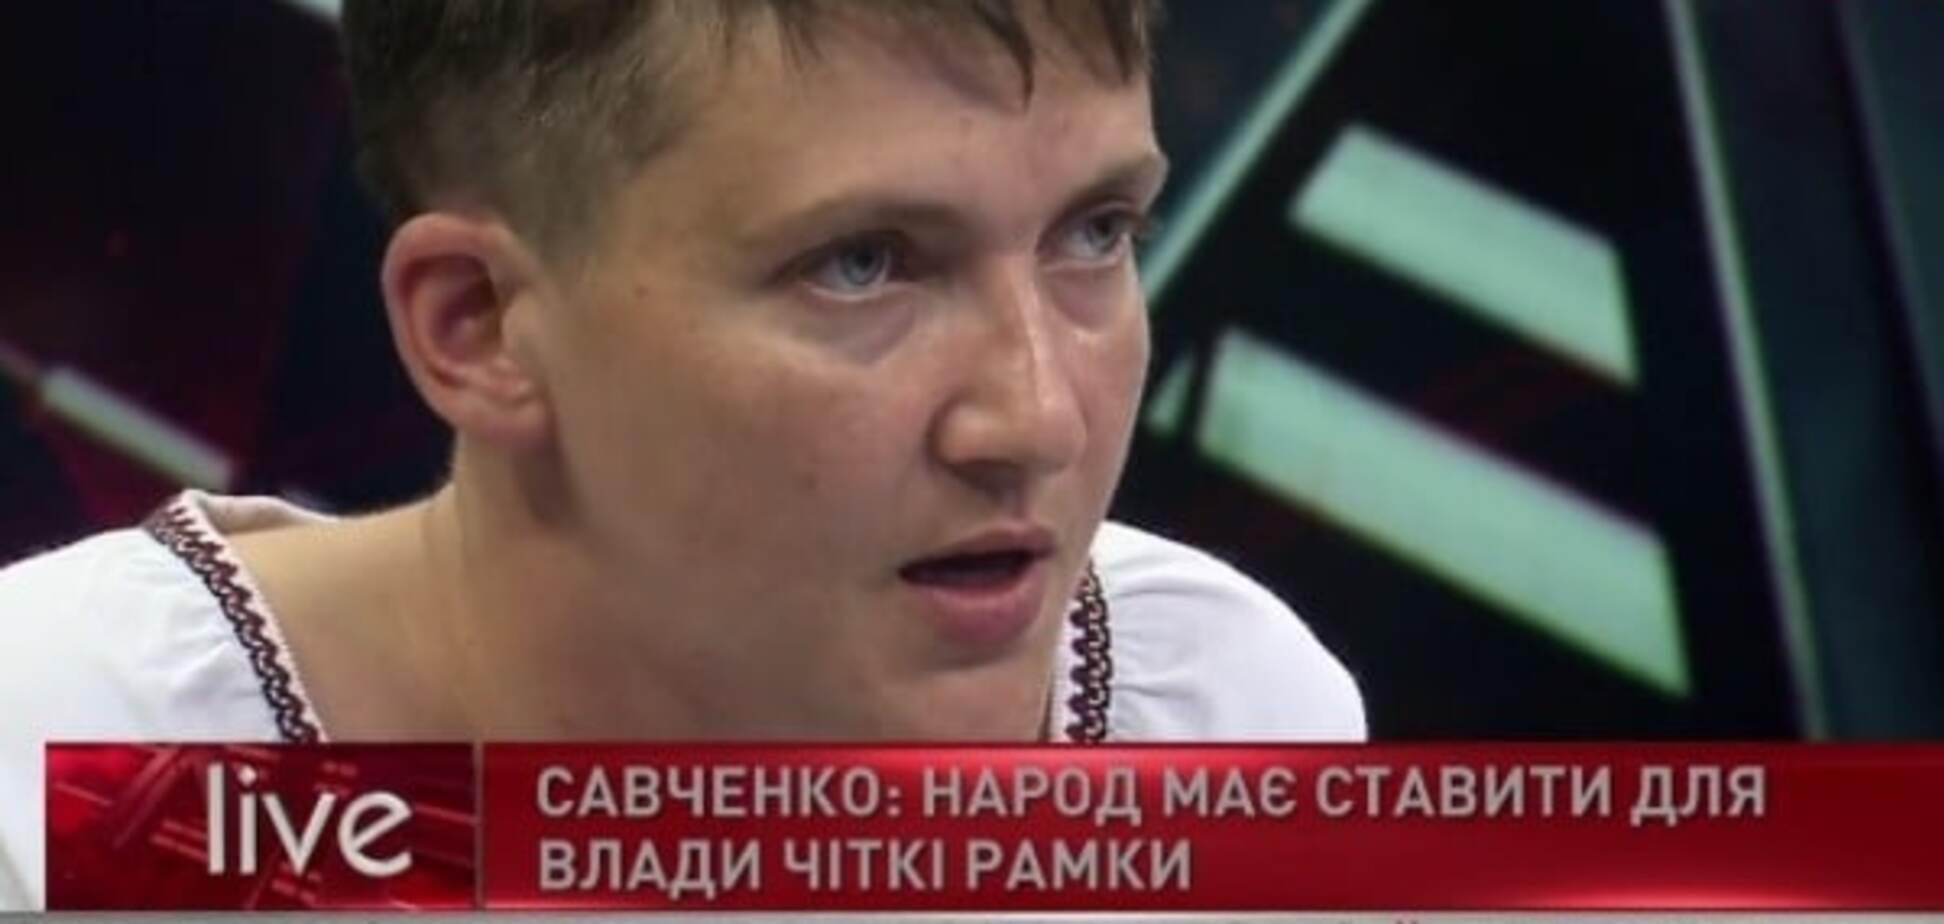 Якби йшла в президенти: Савченко розповіла про свою передвиборну програму